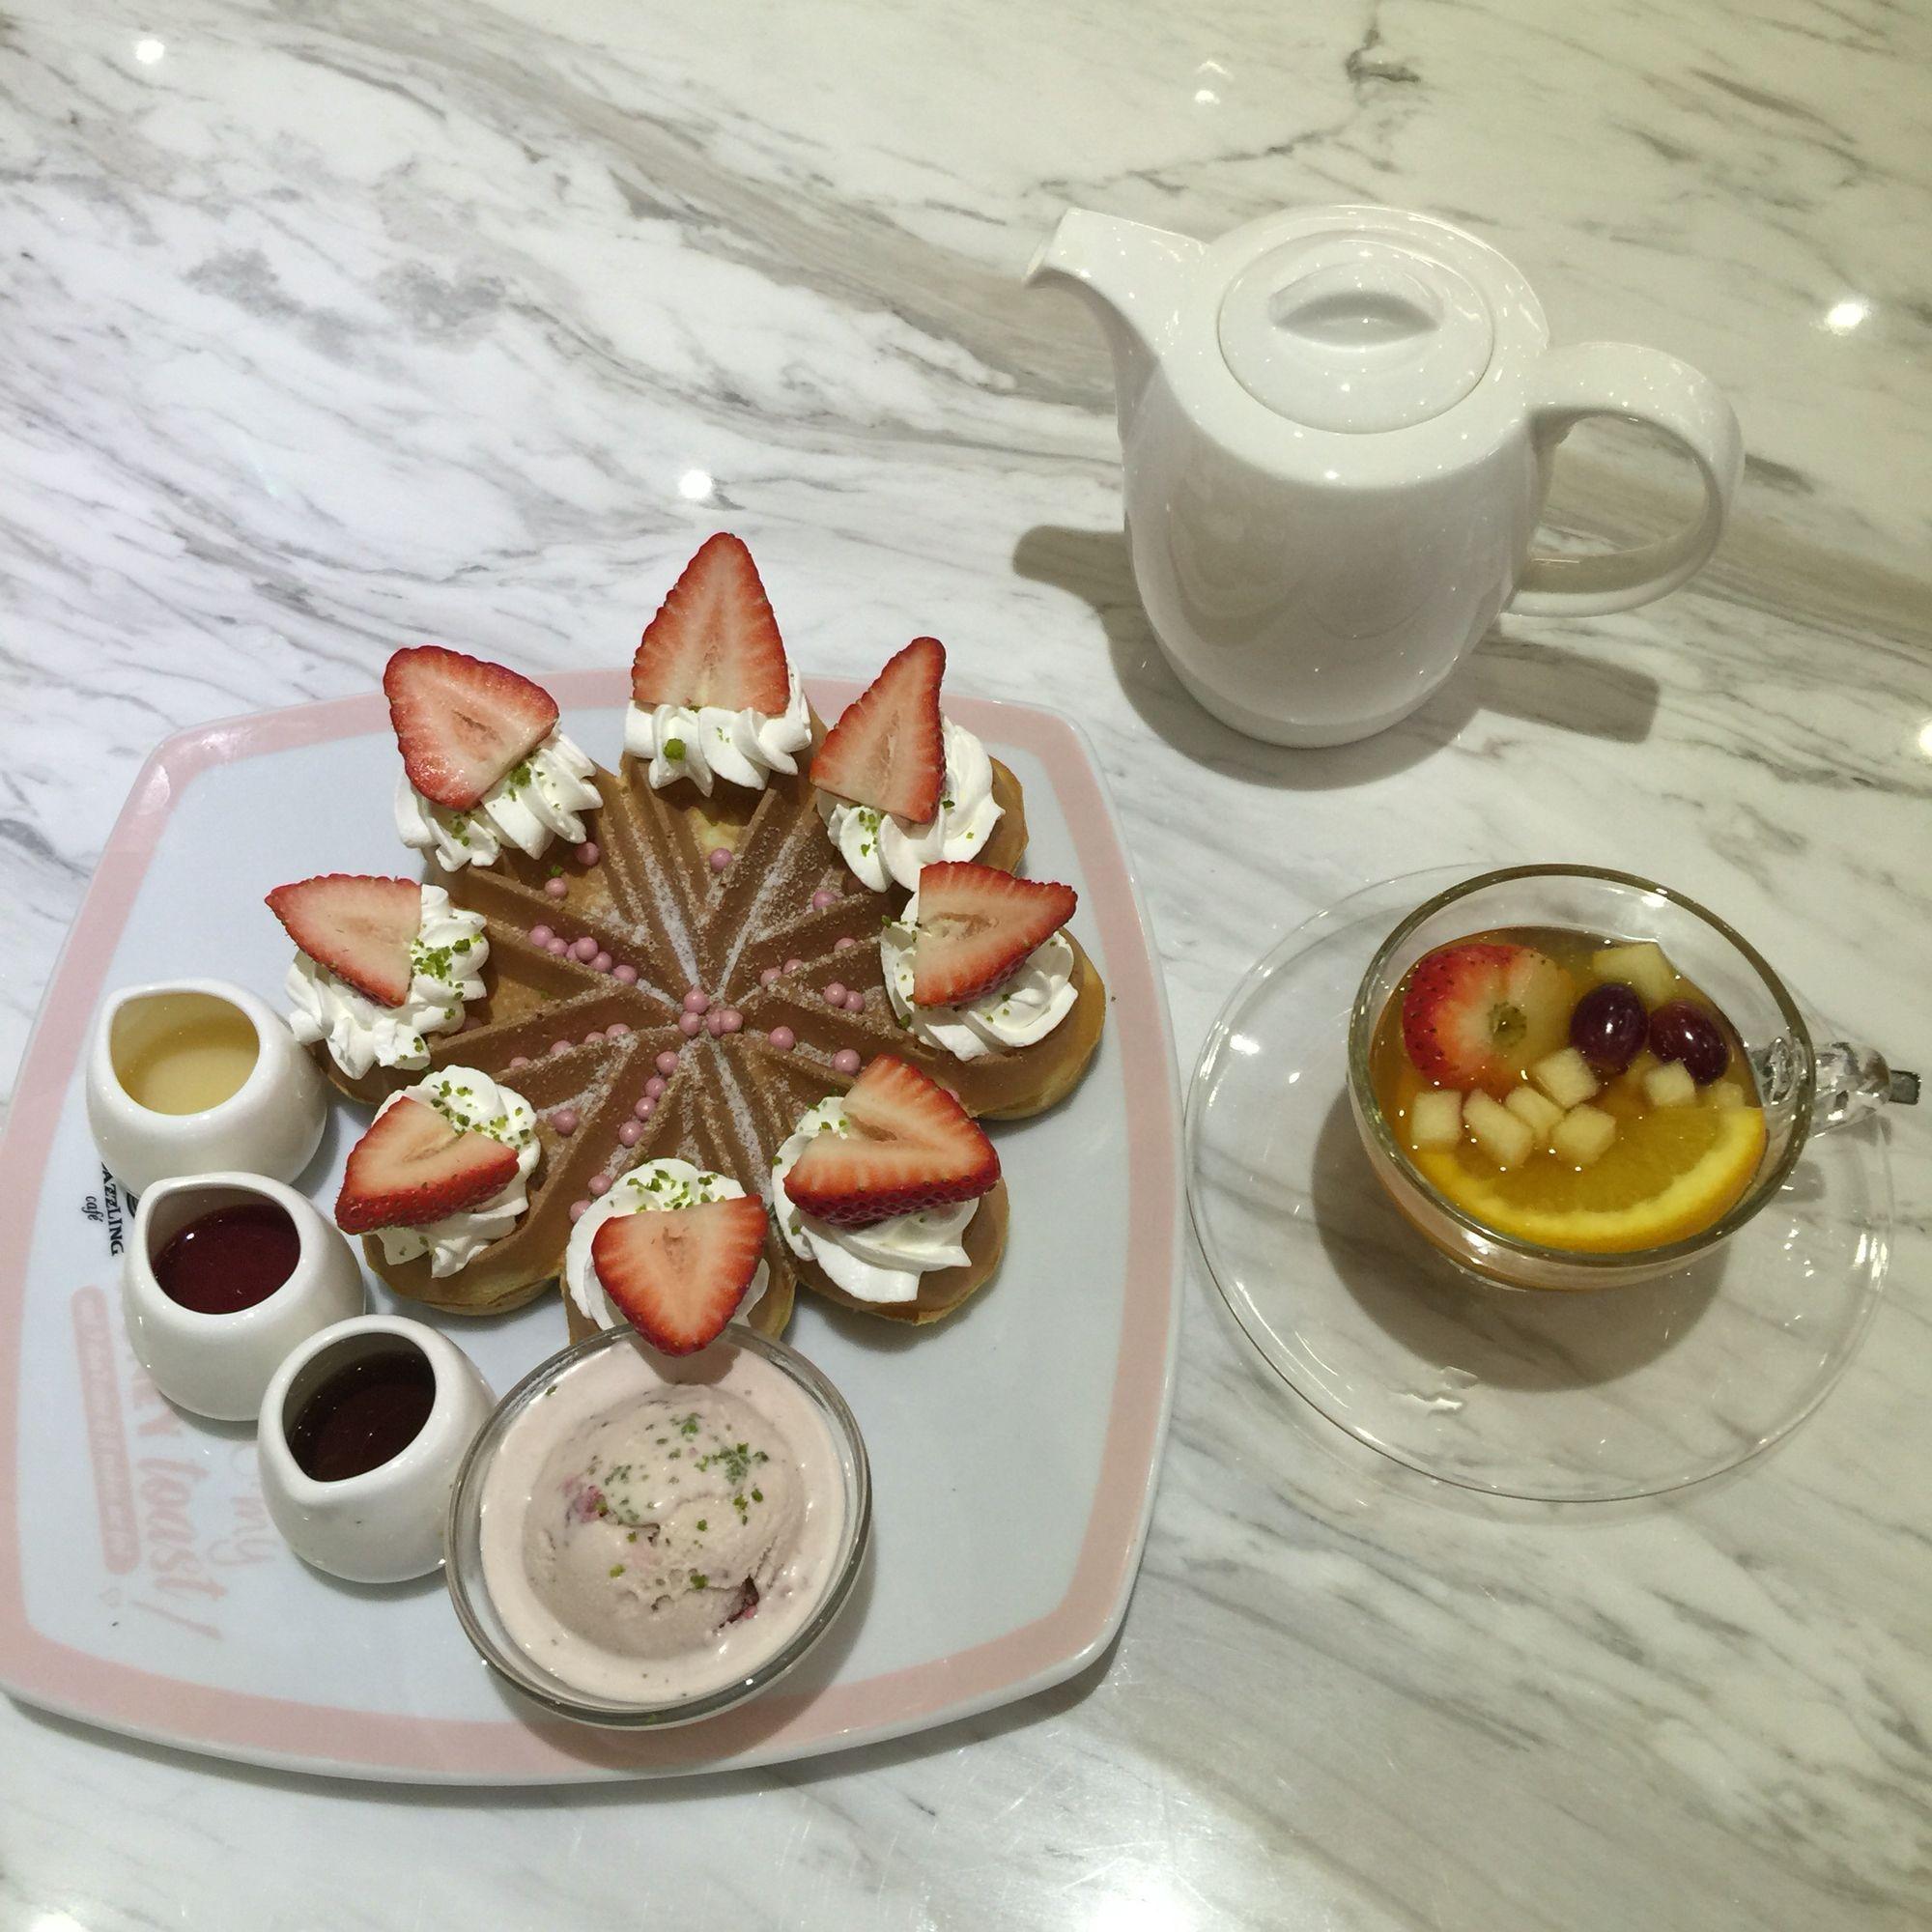 Fruit tea & strawberry waffle at Dazzling cafe